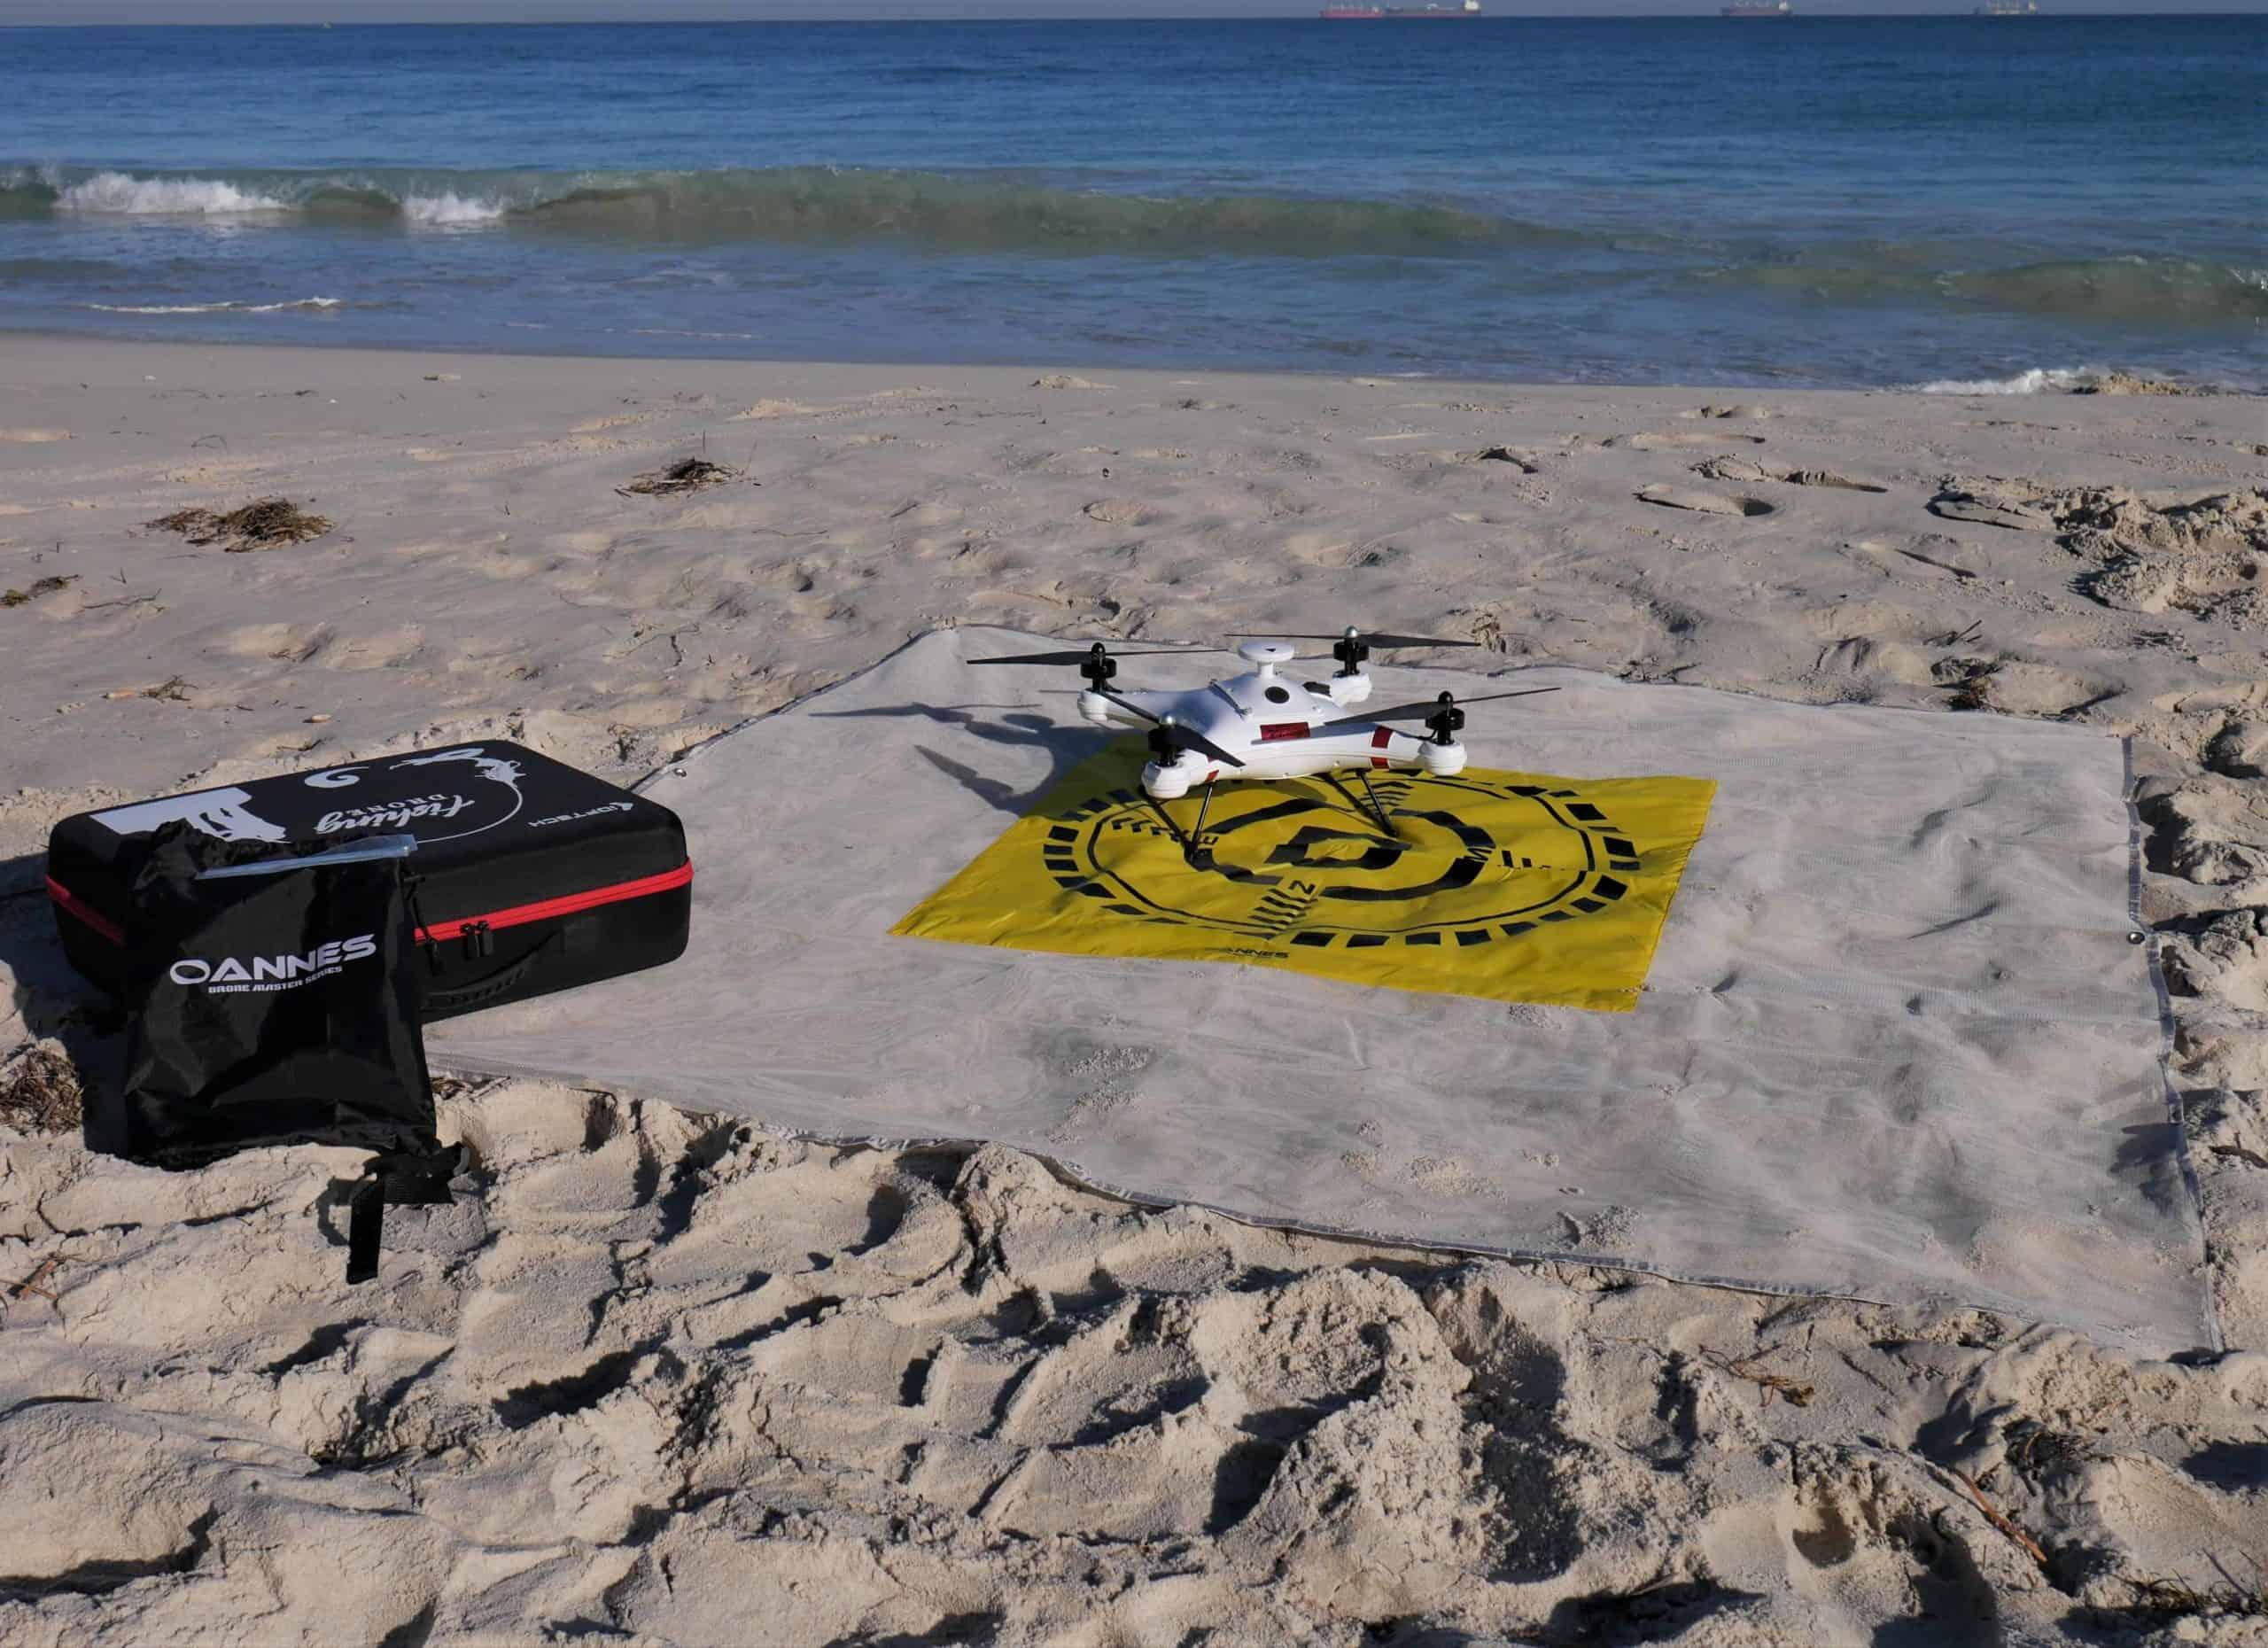 Oannes Drone Landing Mat